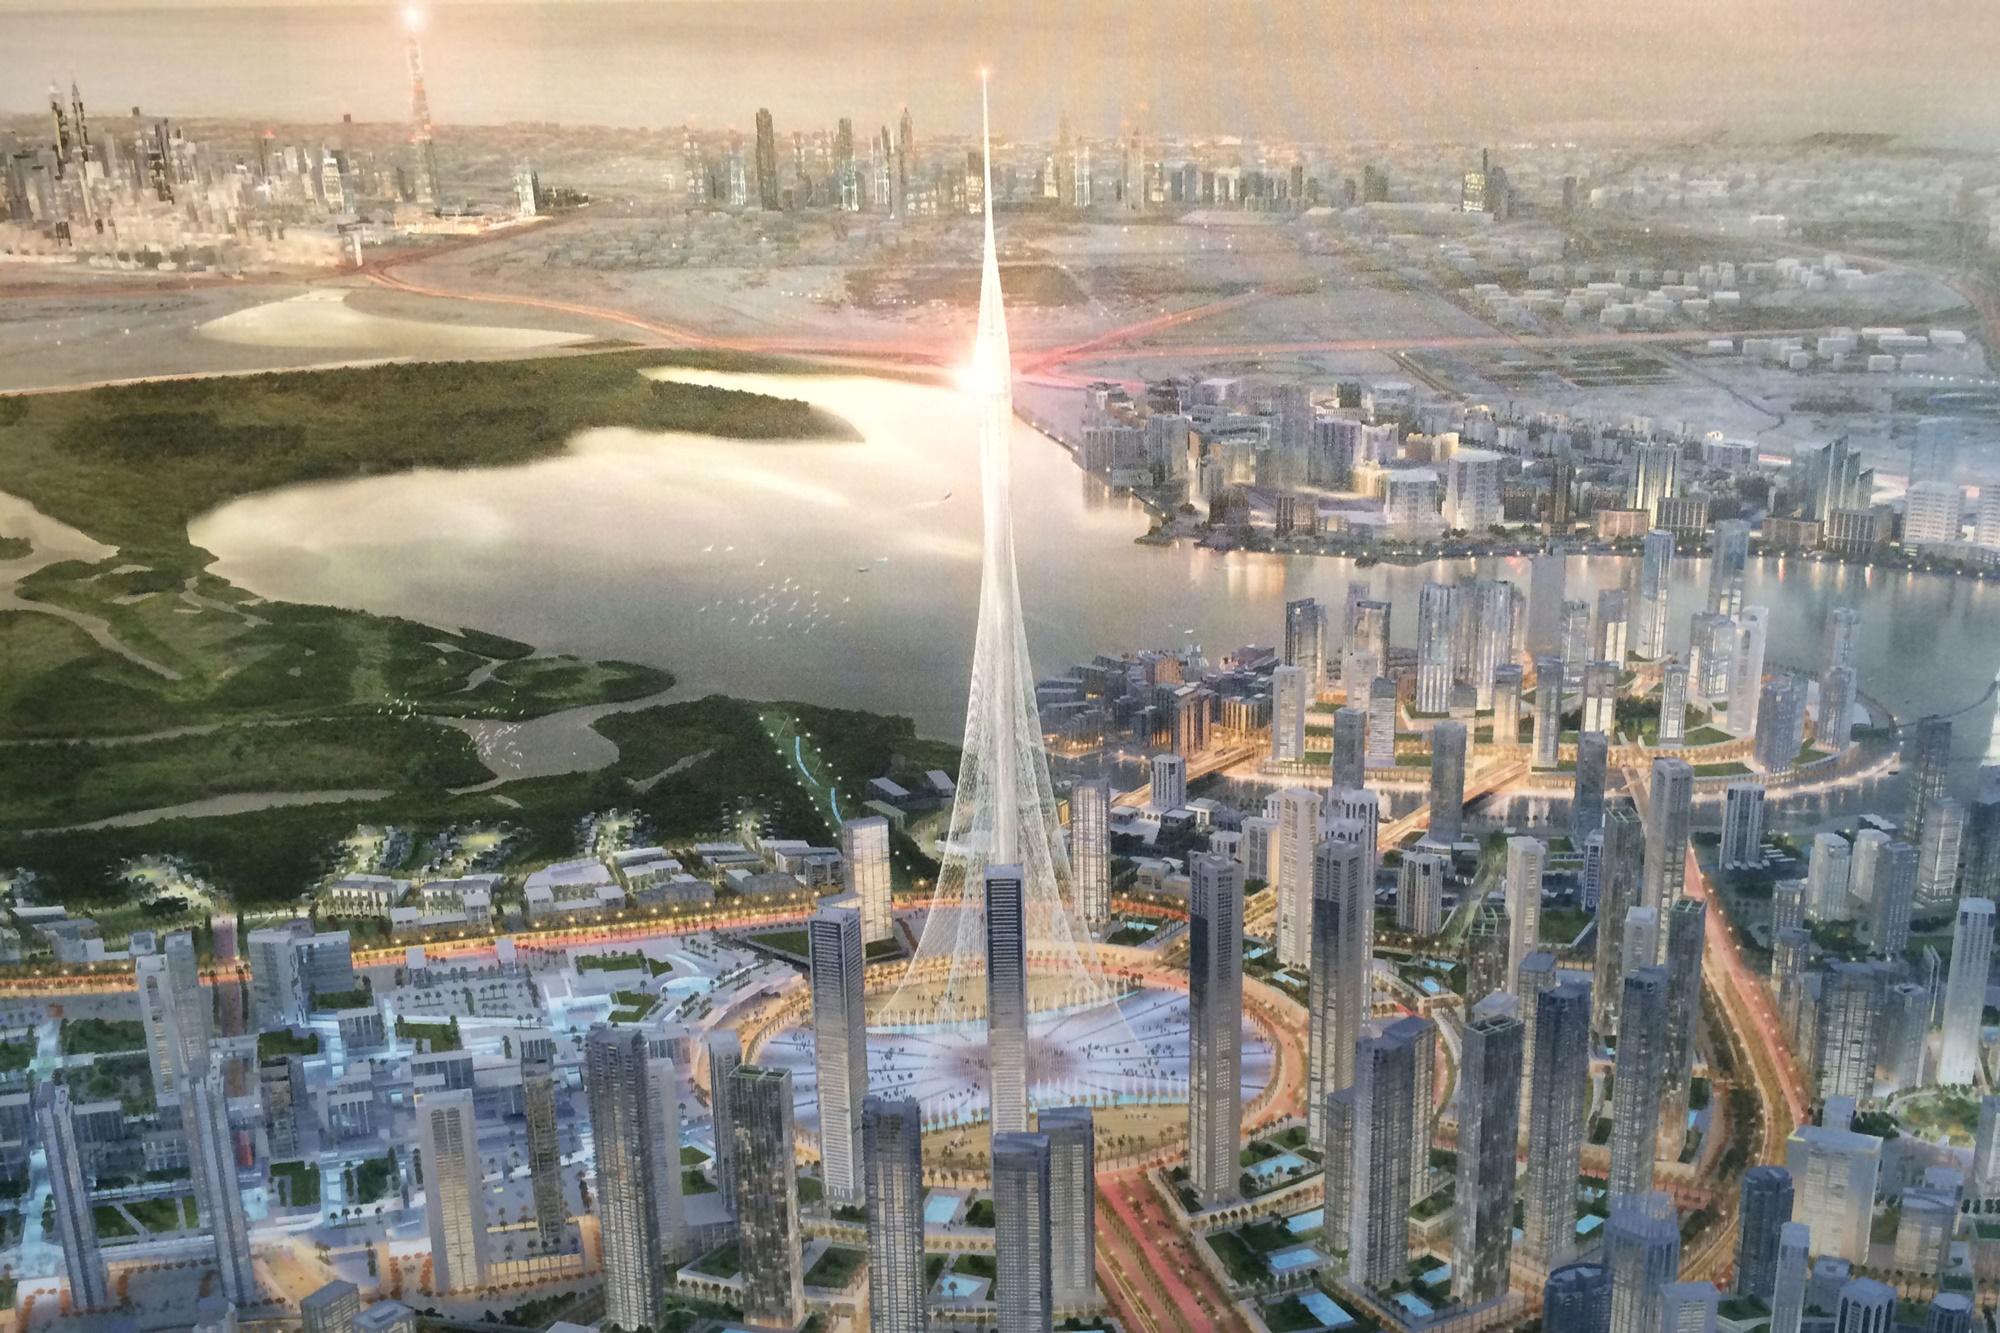 se inicia construccin del nuevo edificio ms alto del mundo en dubai